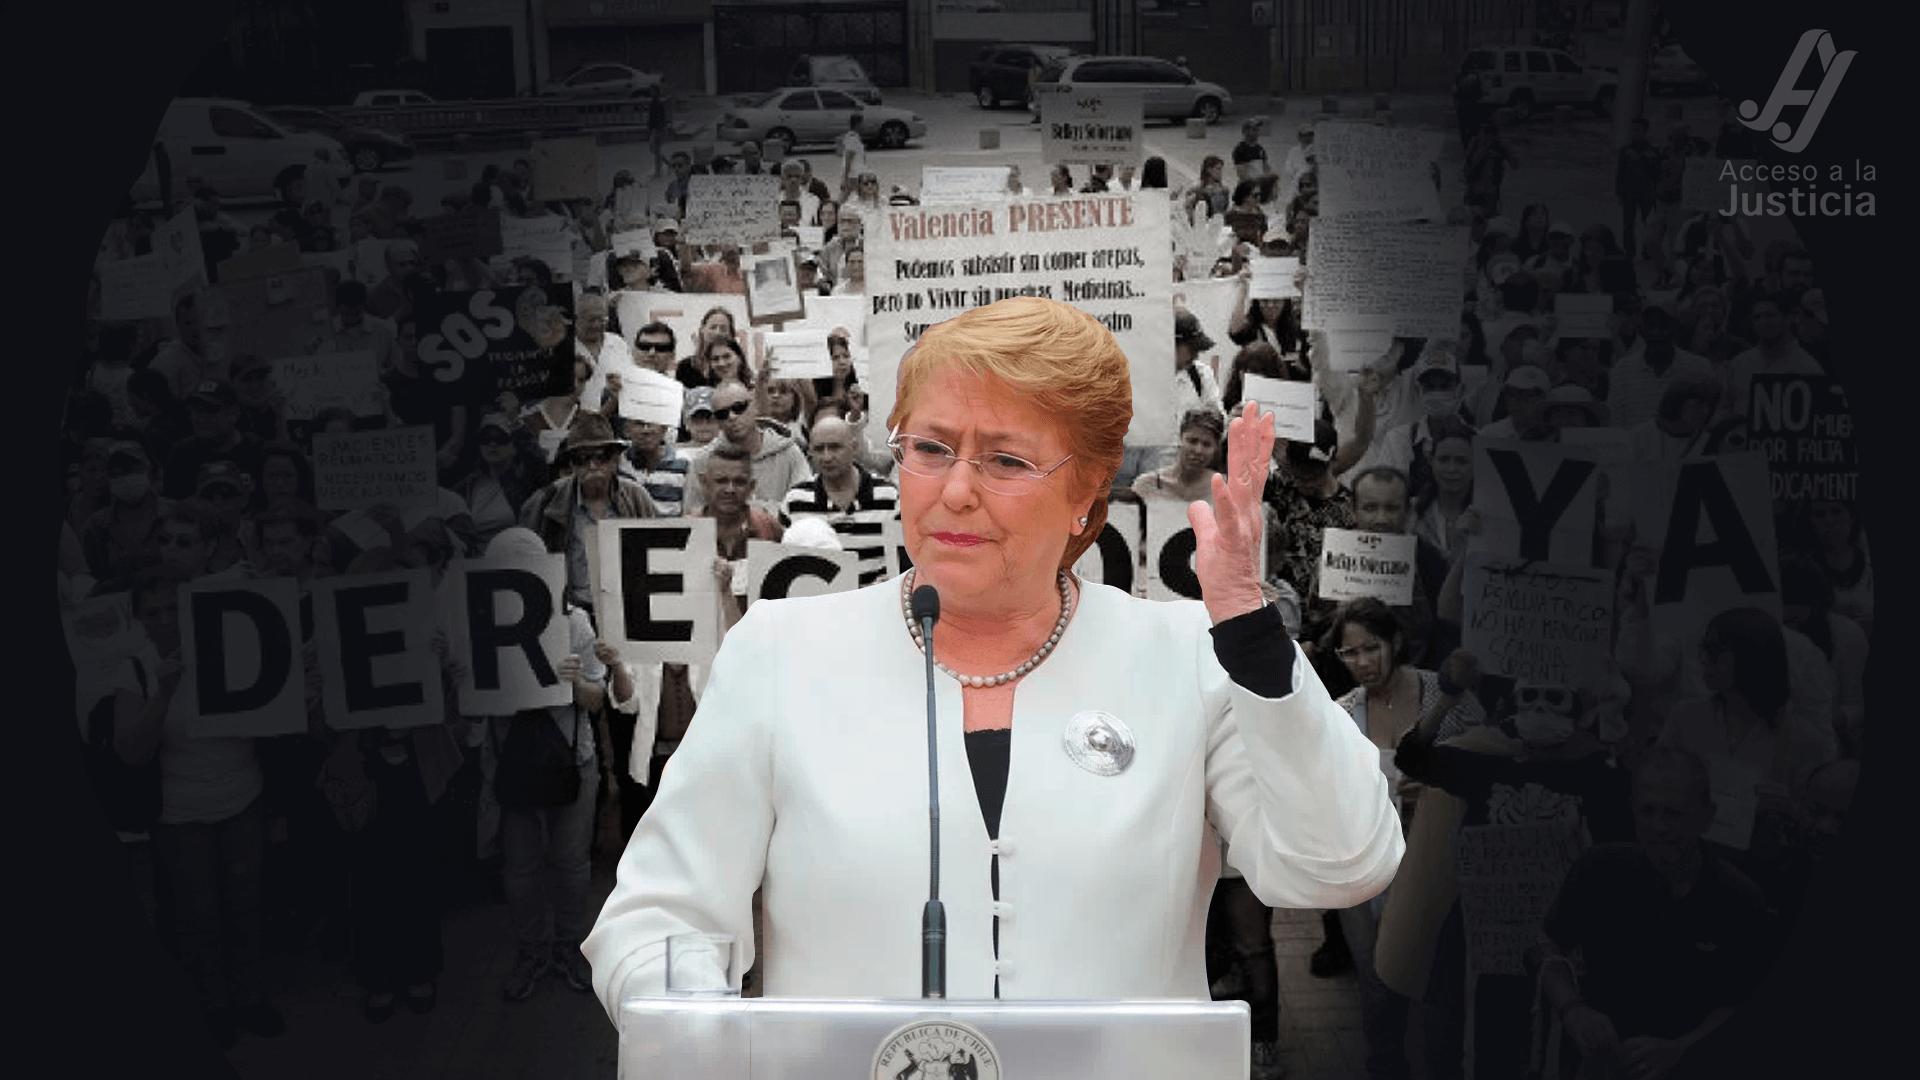 Señora Bachelet, la crisis humanitaria es previa a las sanciones internacionales